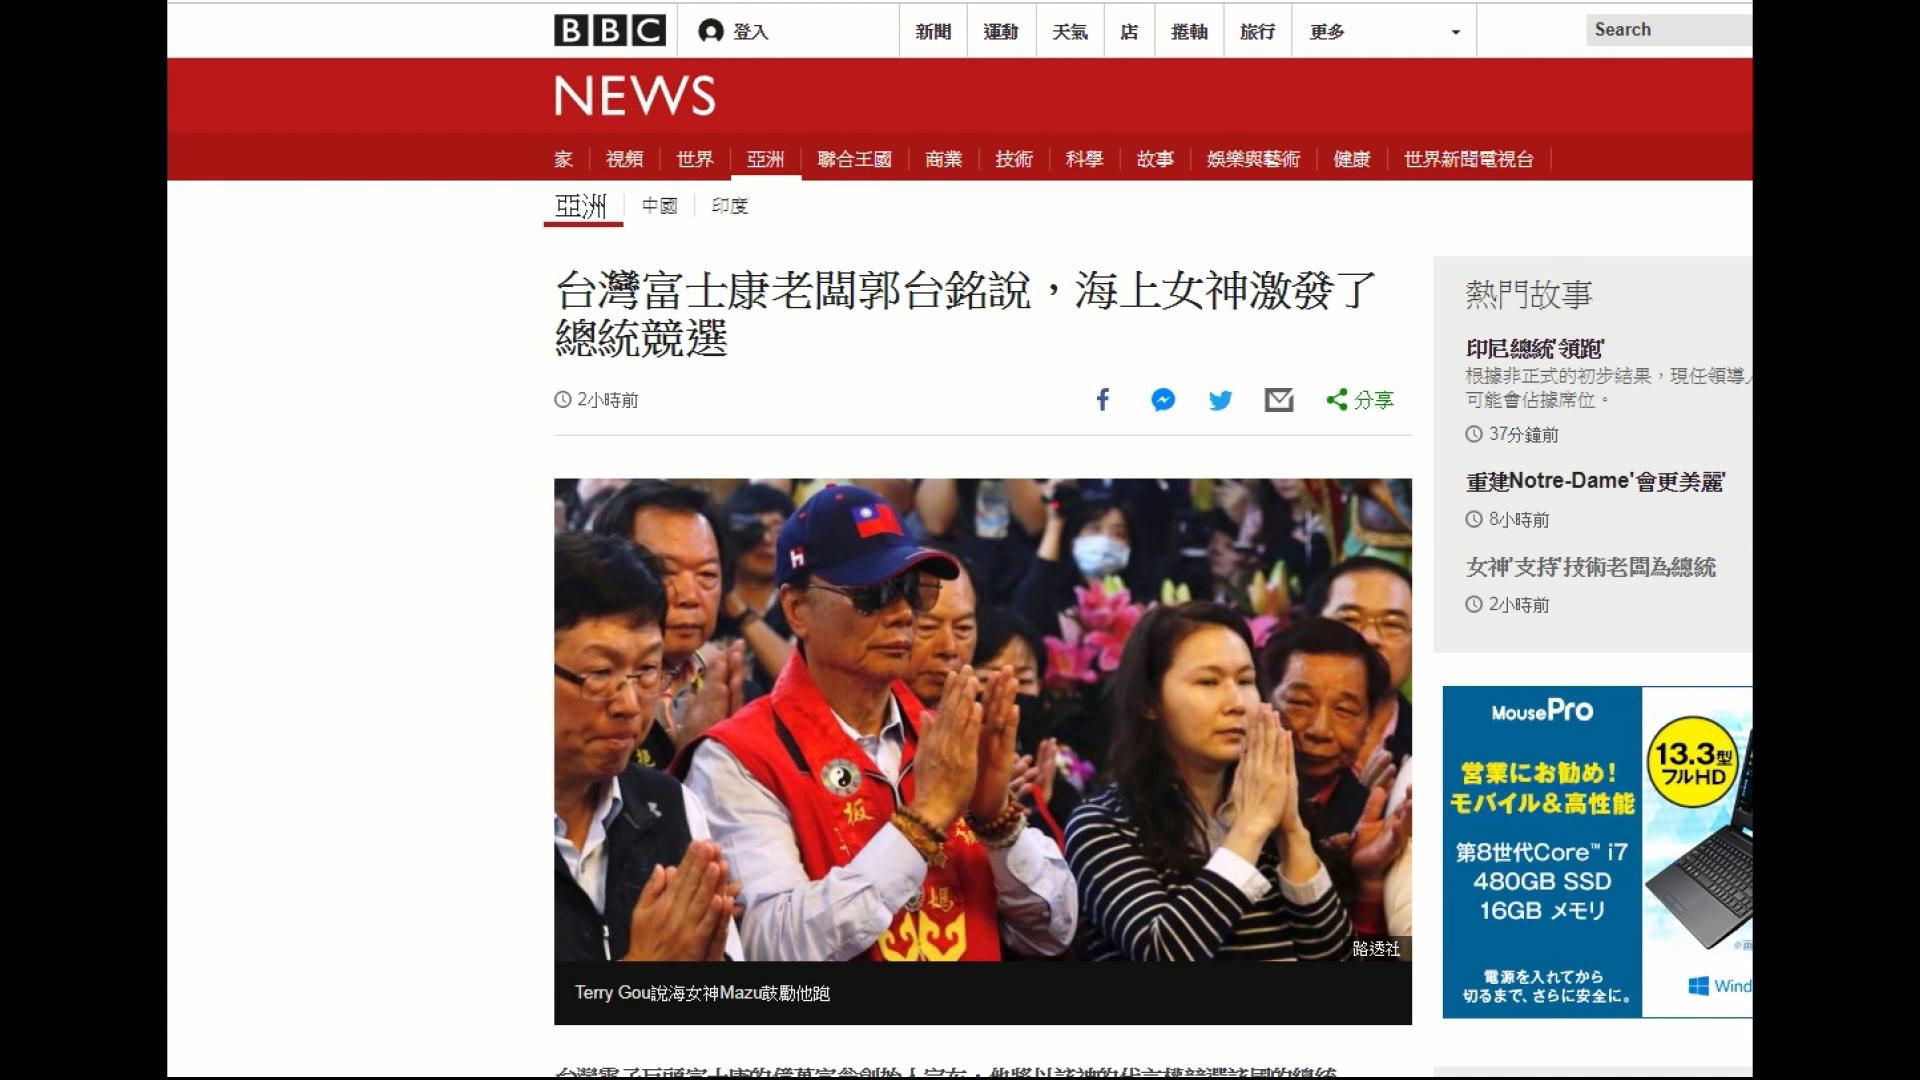 圖/翻攝自BBC中文網